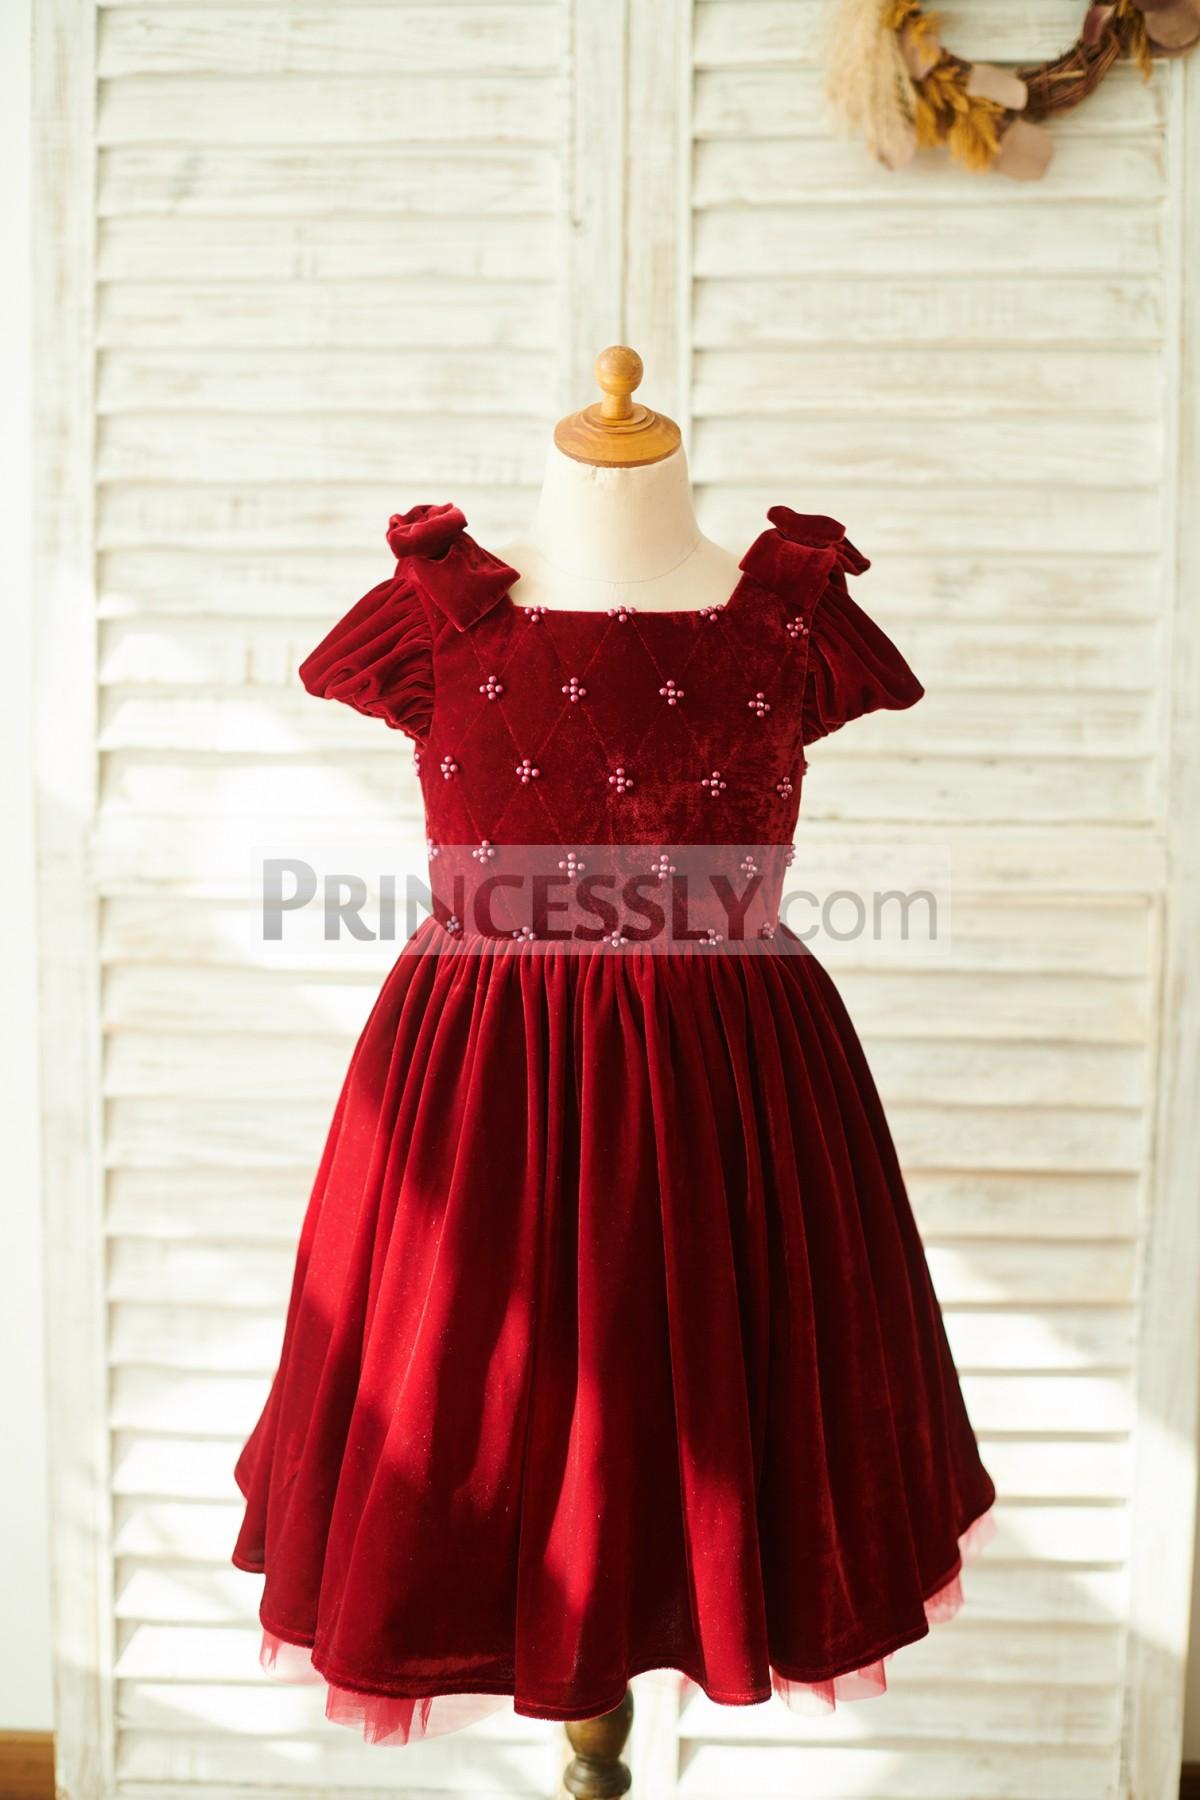 Princessly.com-K1003844-Burgundy Velvet Corset Back Cap Sleeves Wedding Flower Girl Dress-31